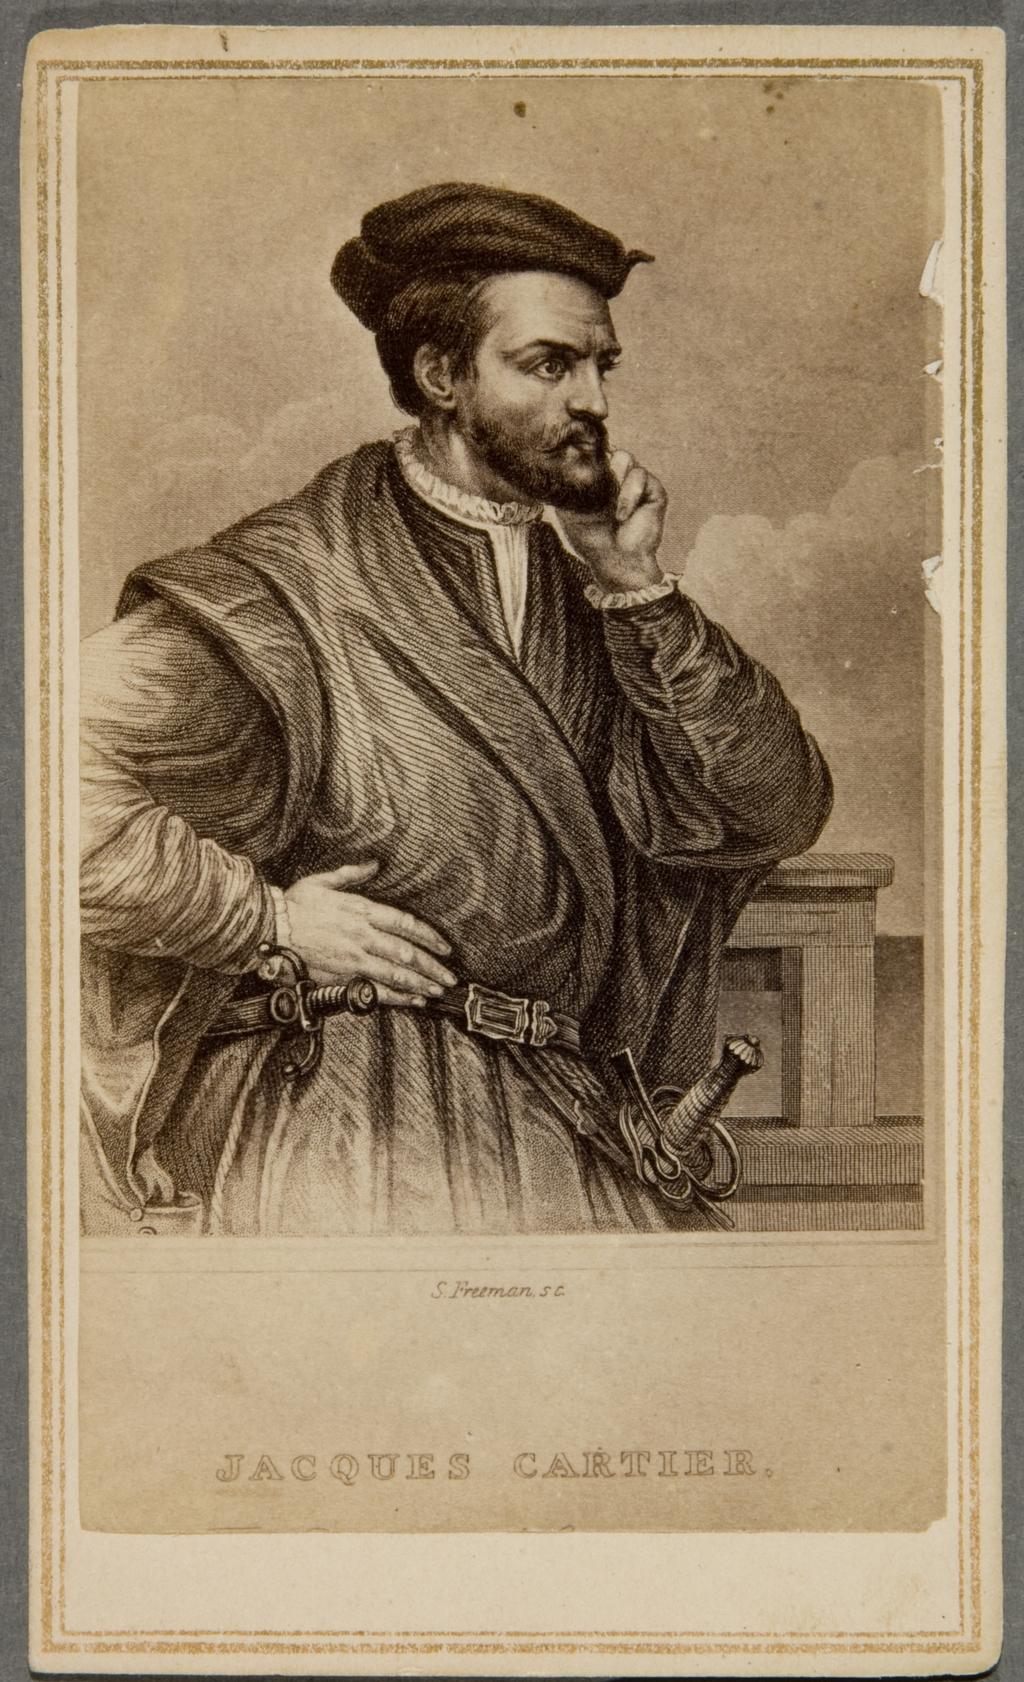 Jacques Cartier. Photographie d'une gravure de Samuel Freeman, d'après Théophile Hamel